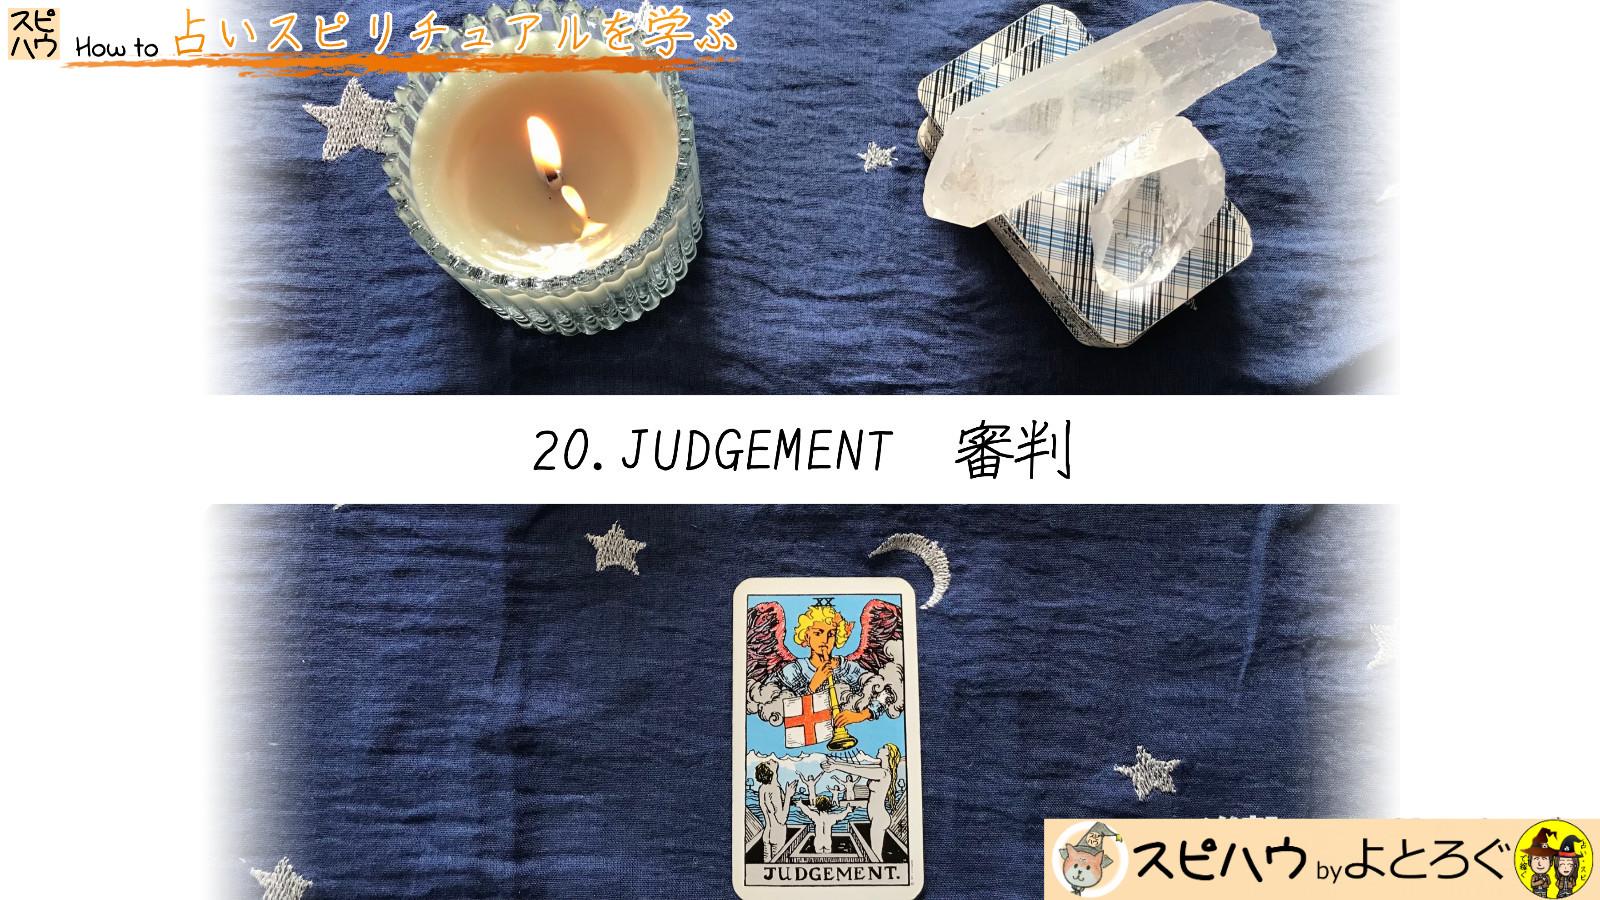 埋められていた可能性の発掘! 20.審判 JUDGEMENTのカード画像